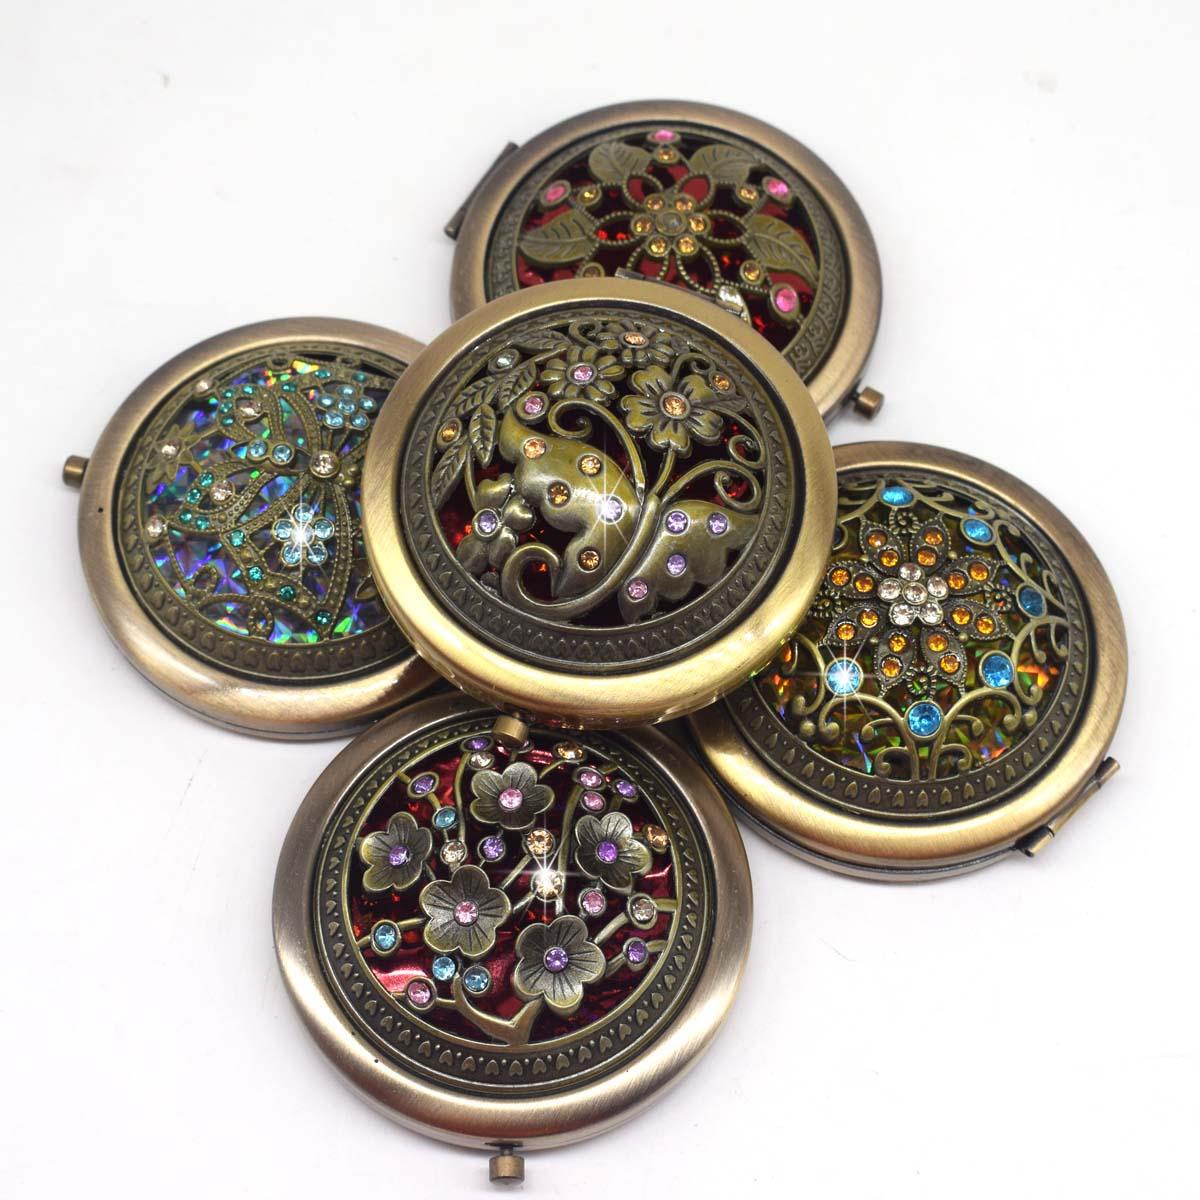 Портативное карманное мини-зеркало бронзового цвета с цветком и бриллиантом, двухстороннее складное зеркало для макияжа, винтажные косметические зеркала с бабочками